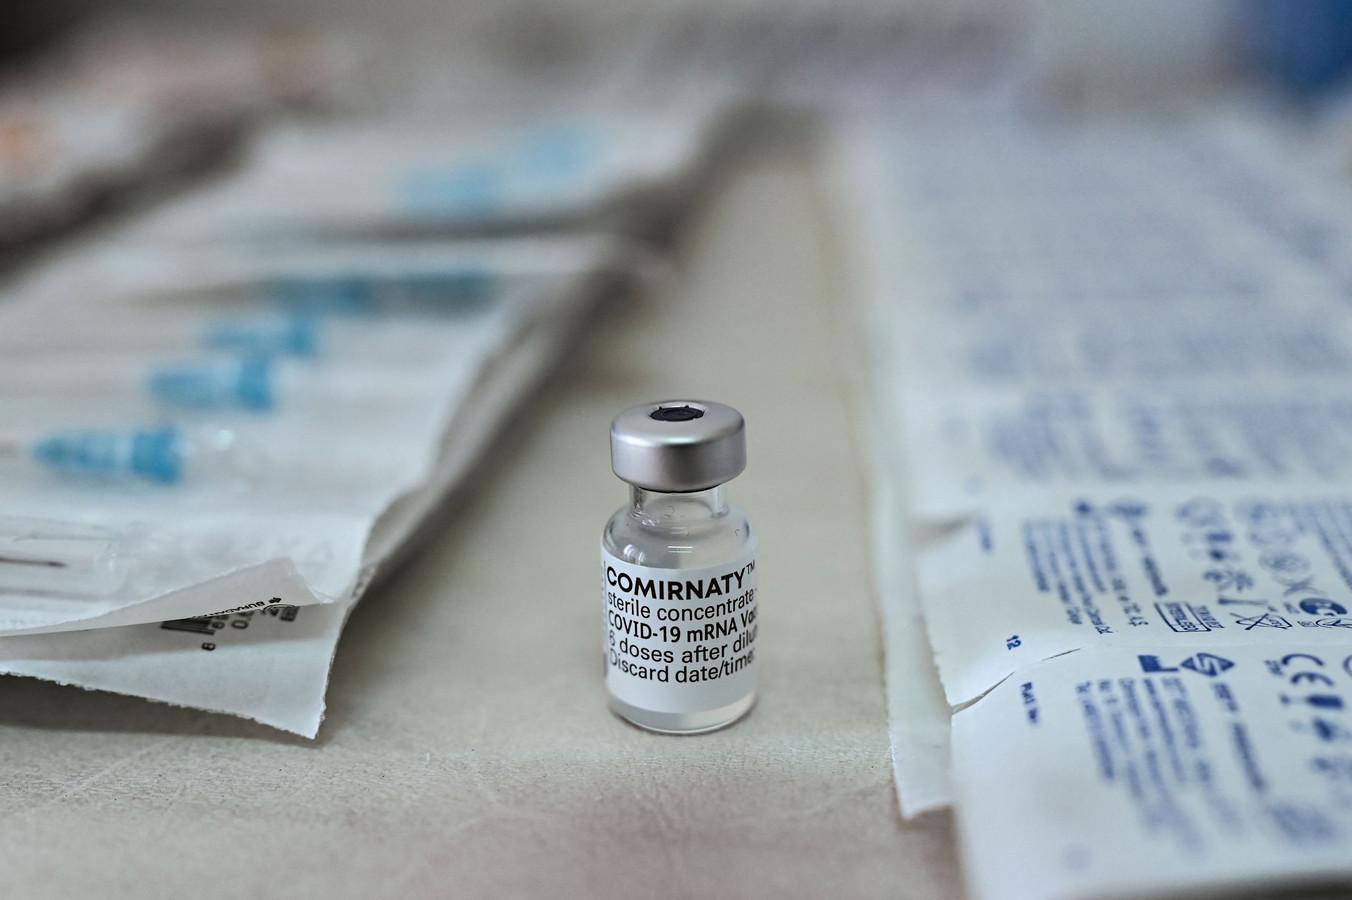 Het Comirnaty-vaccin van Pfizer/BioNTech.